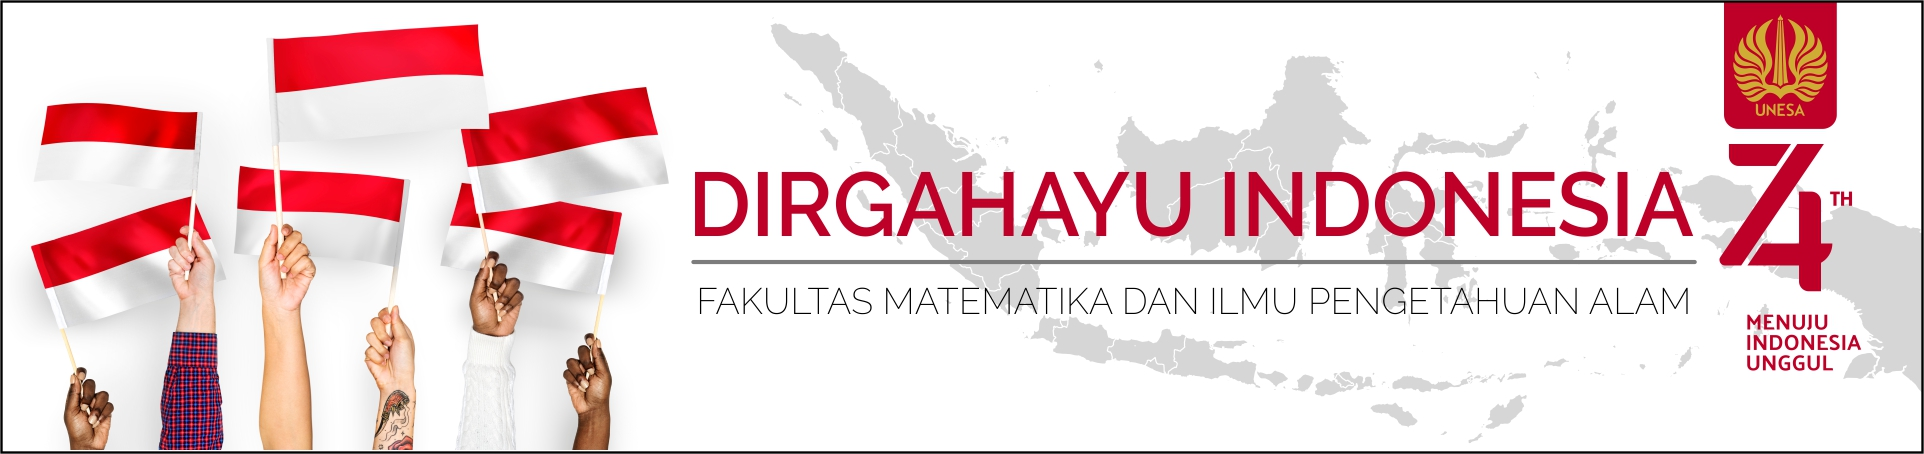 INDONESIA-74-1